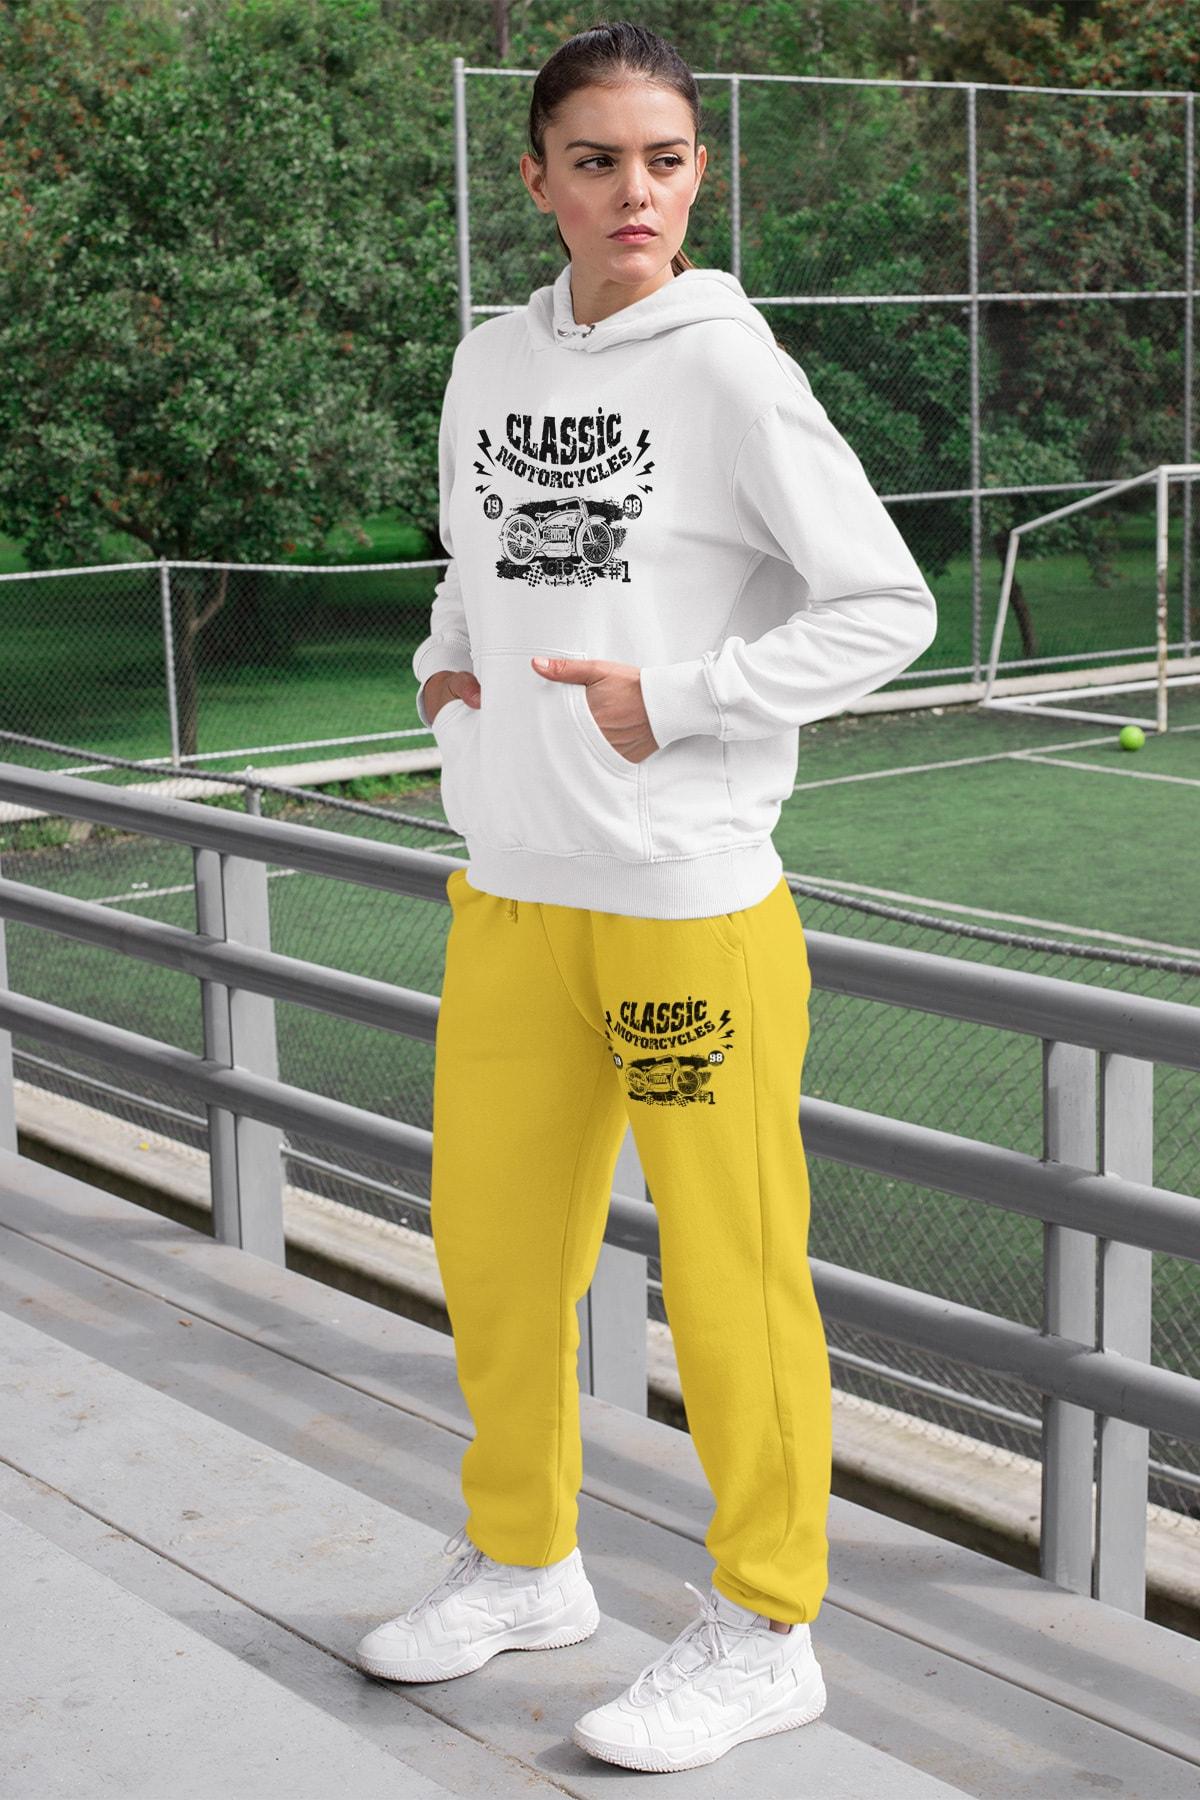 Wear Motorcycles Kadın Eşofman Takımı Beyaz Kapşonlu Sweatshirt Sarı Eşofman Altı